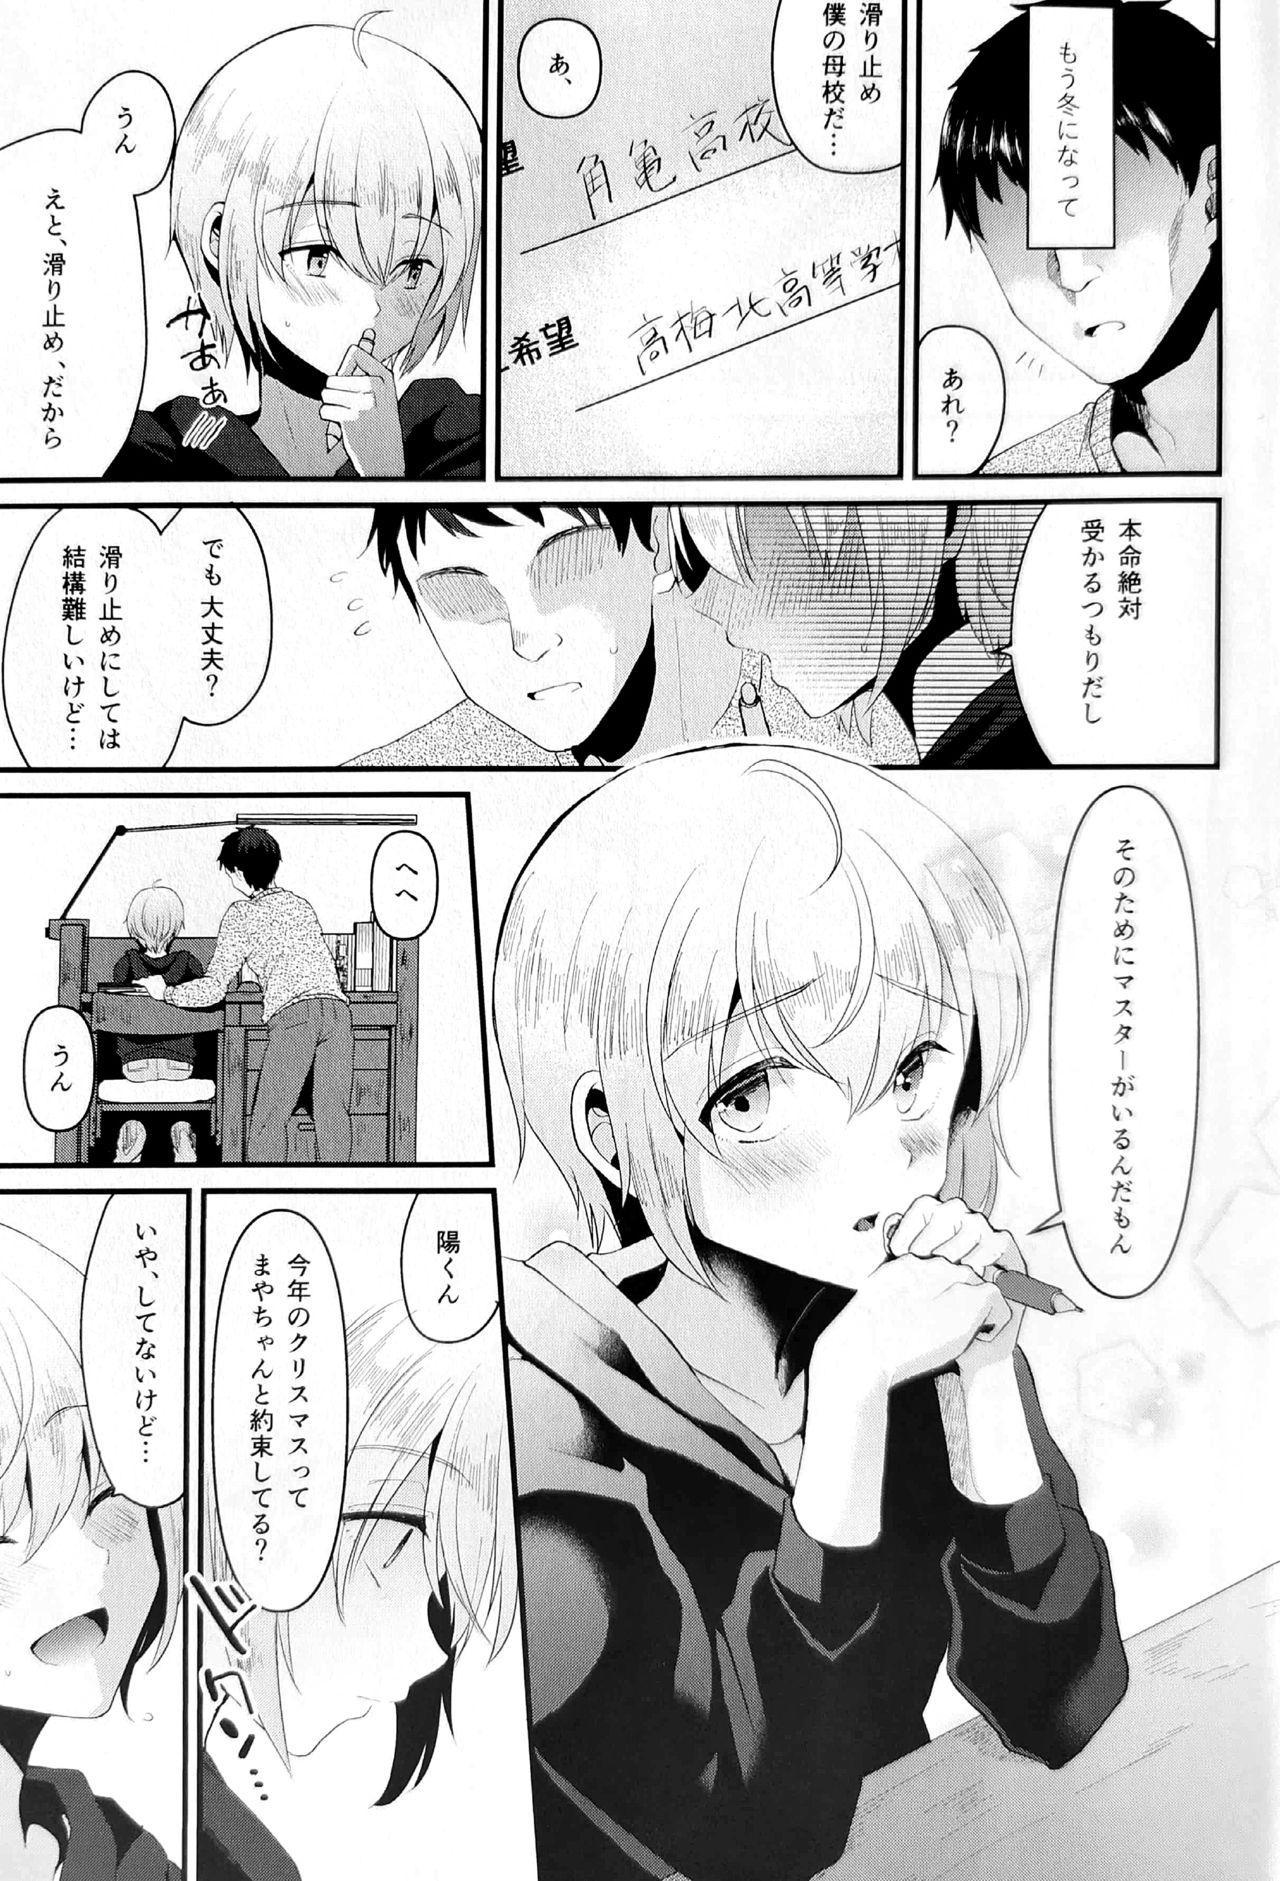 Kimi no Kareshi ni Naru Hazu datta. 5 3